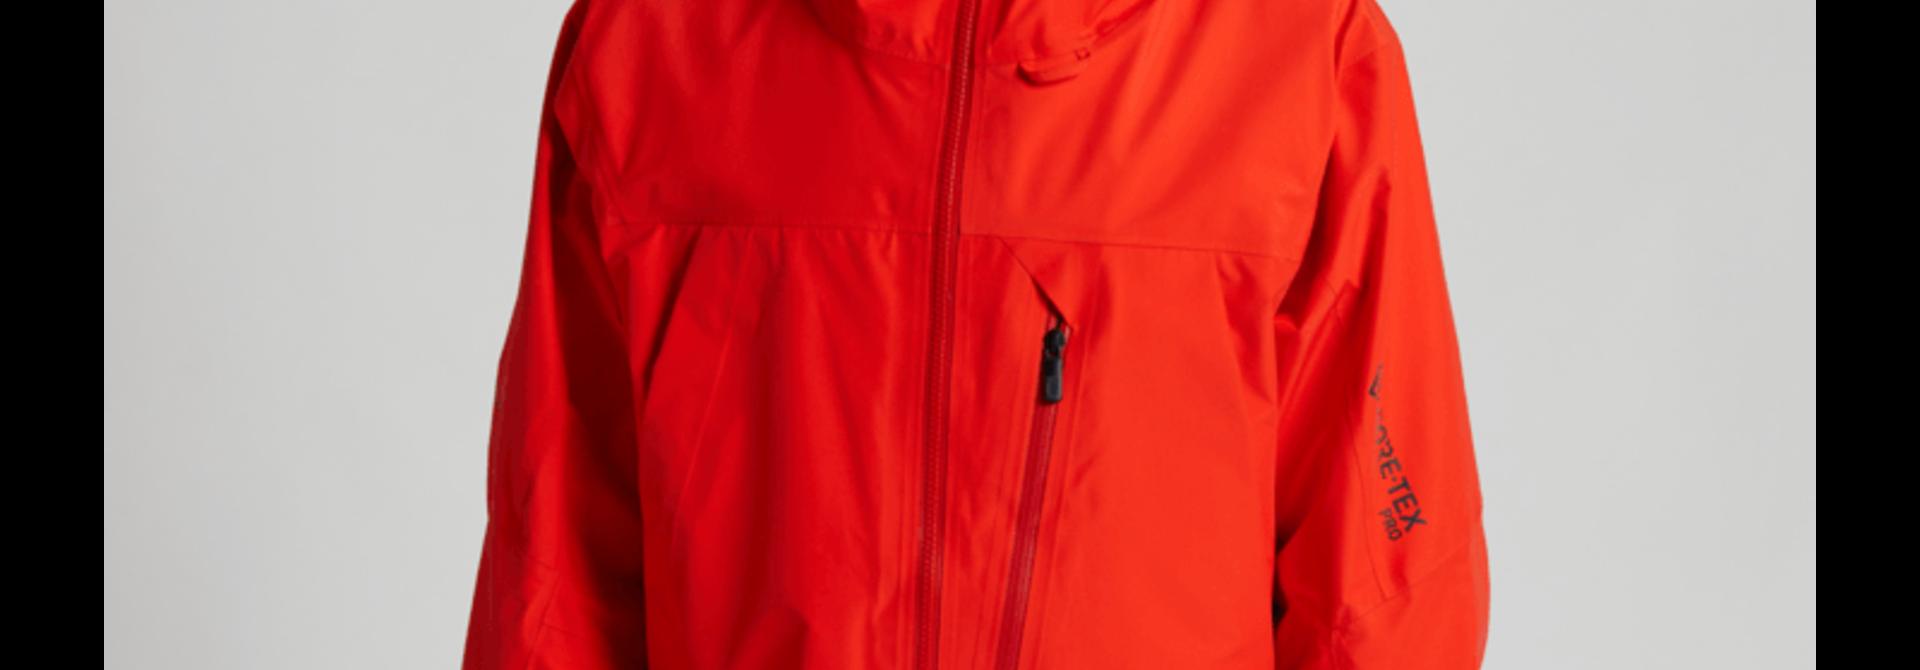 Men's [ak] GORE-TEX 3L PRO Tusk Jacket